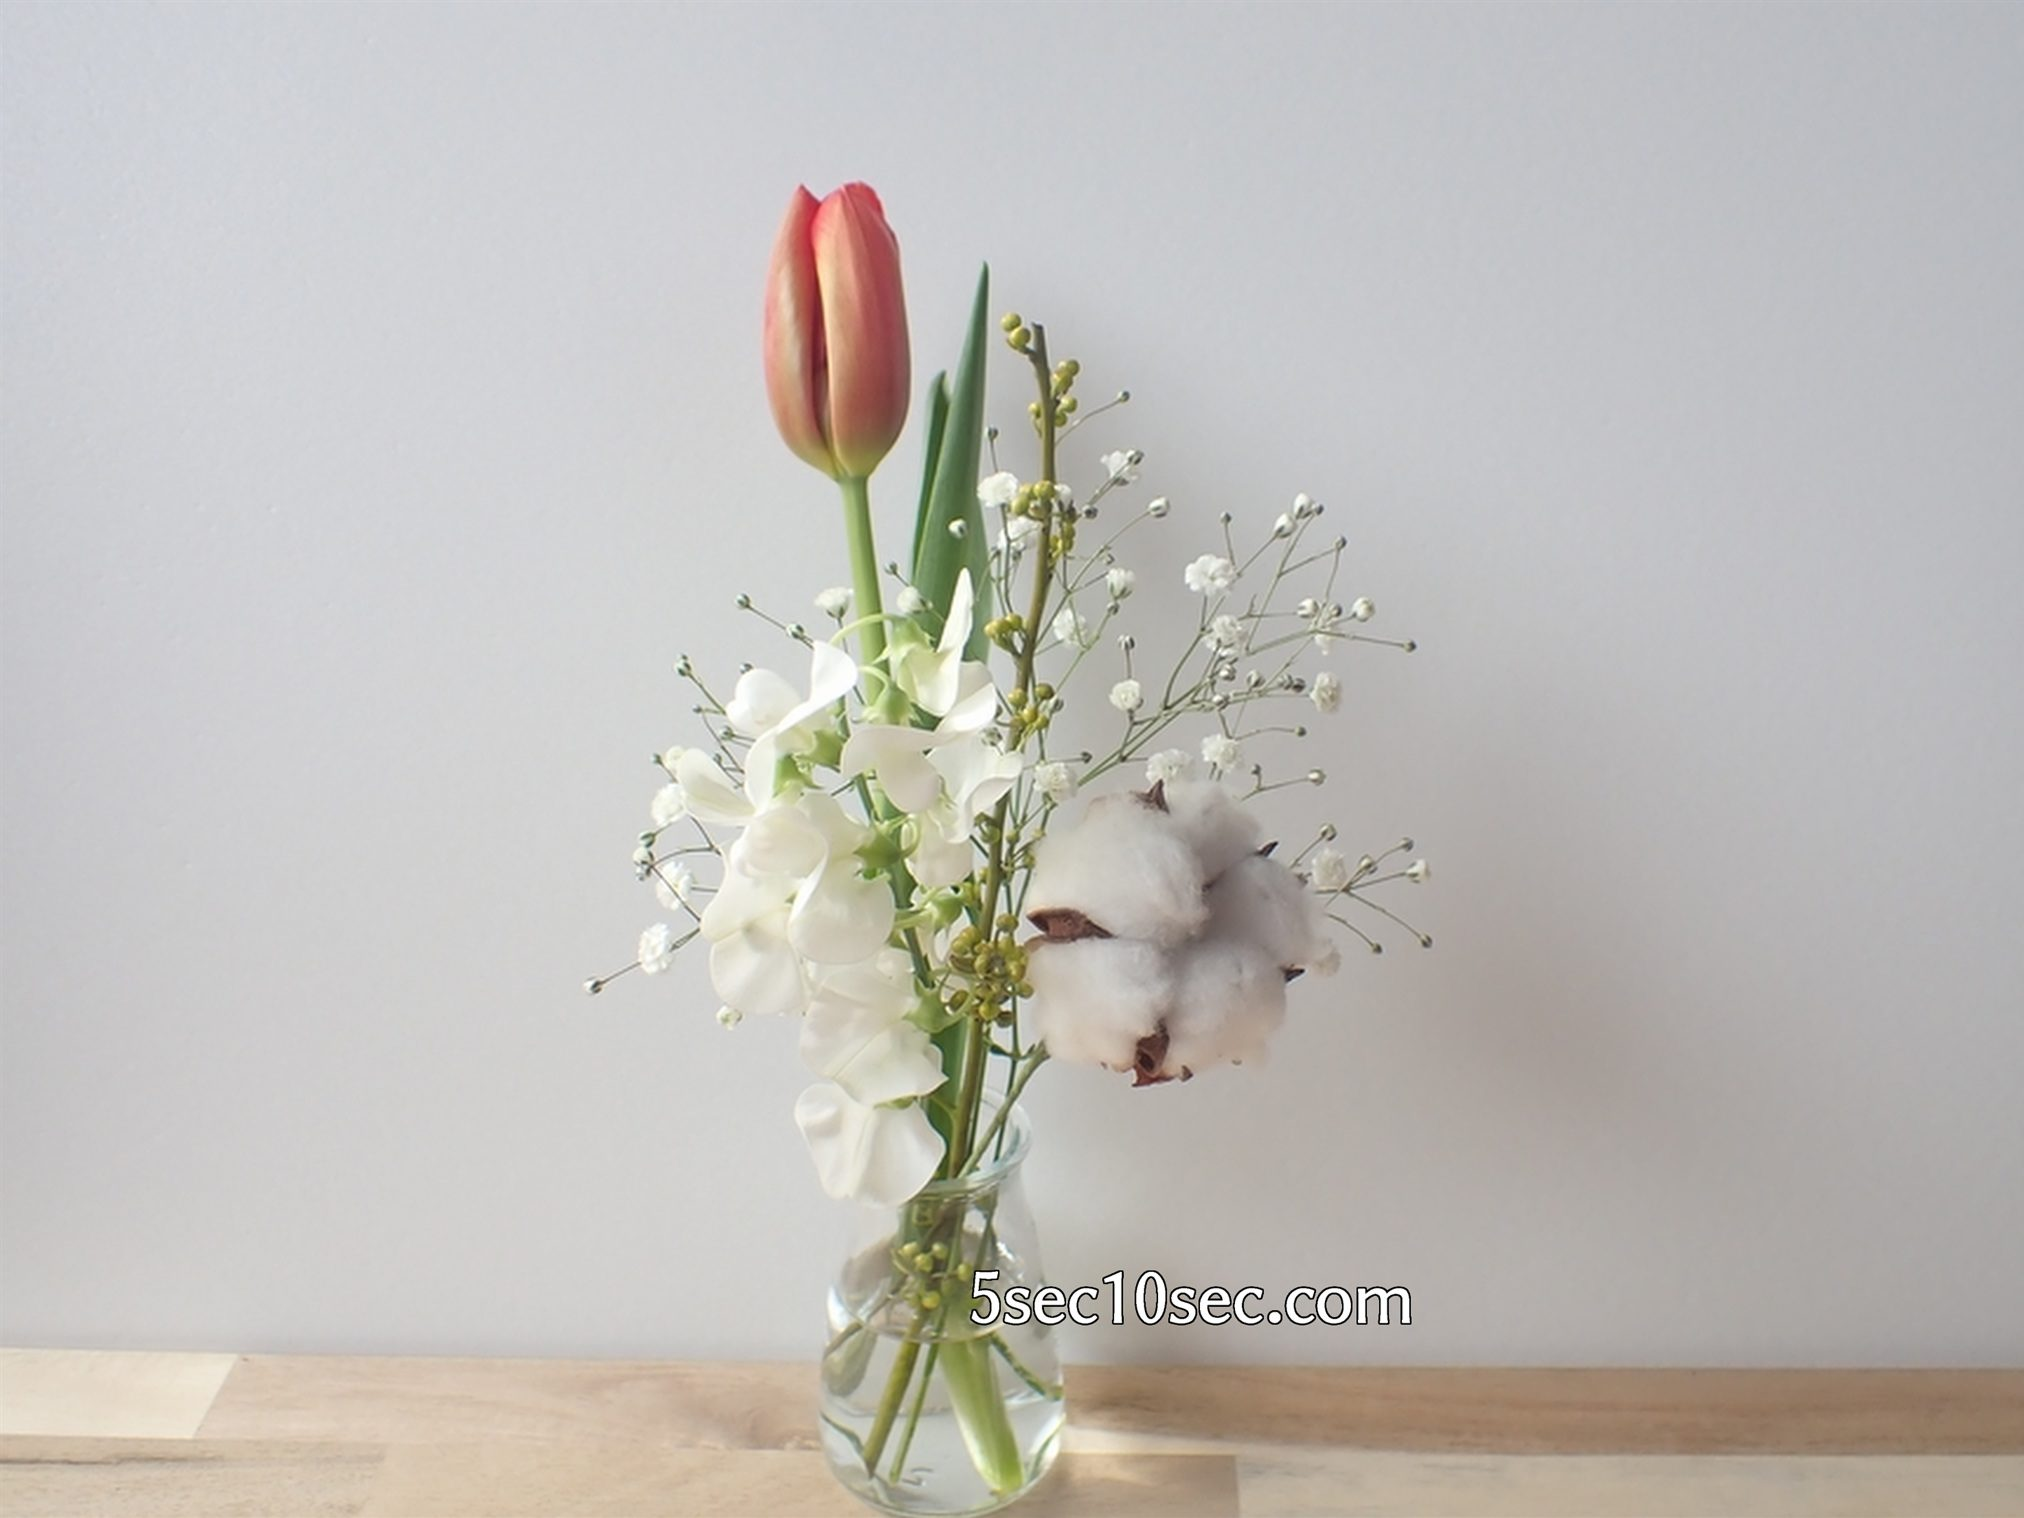 株式会社Crunch Style お花の定期便 Bloomee LIFE ブルーミーライフ クリスマスにもお正月の雰囲気にも合っていて可愛い